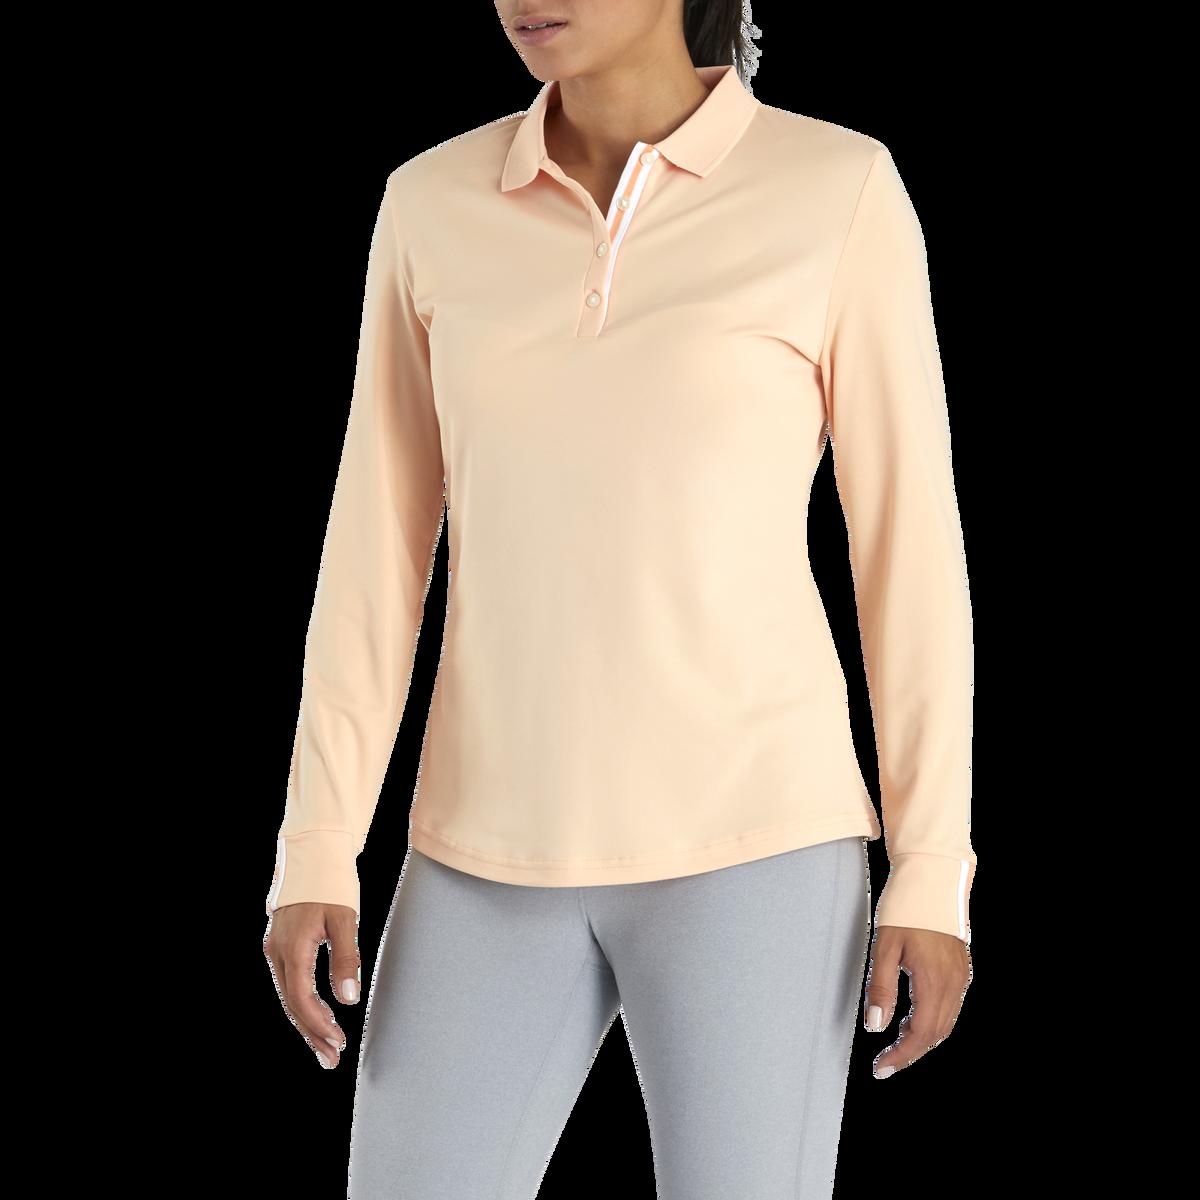 Pique Sun Protection Shirt Women